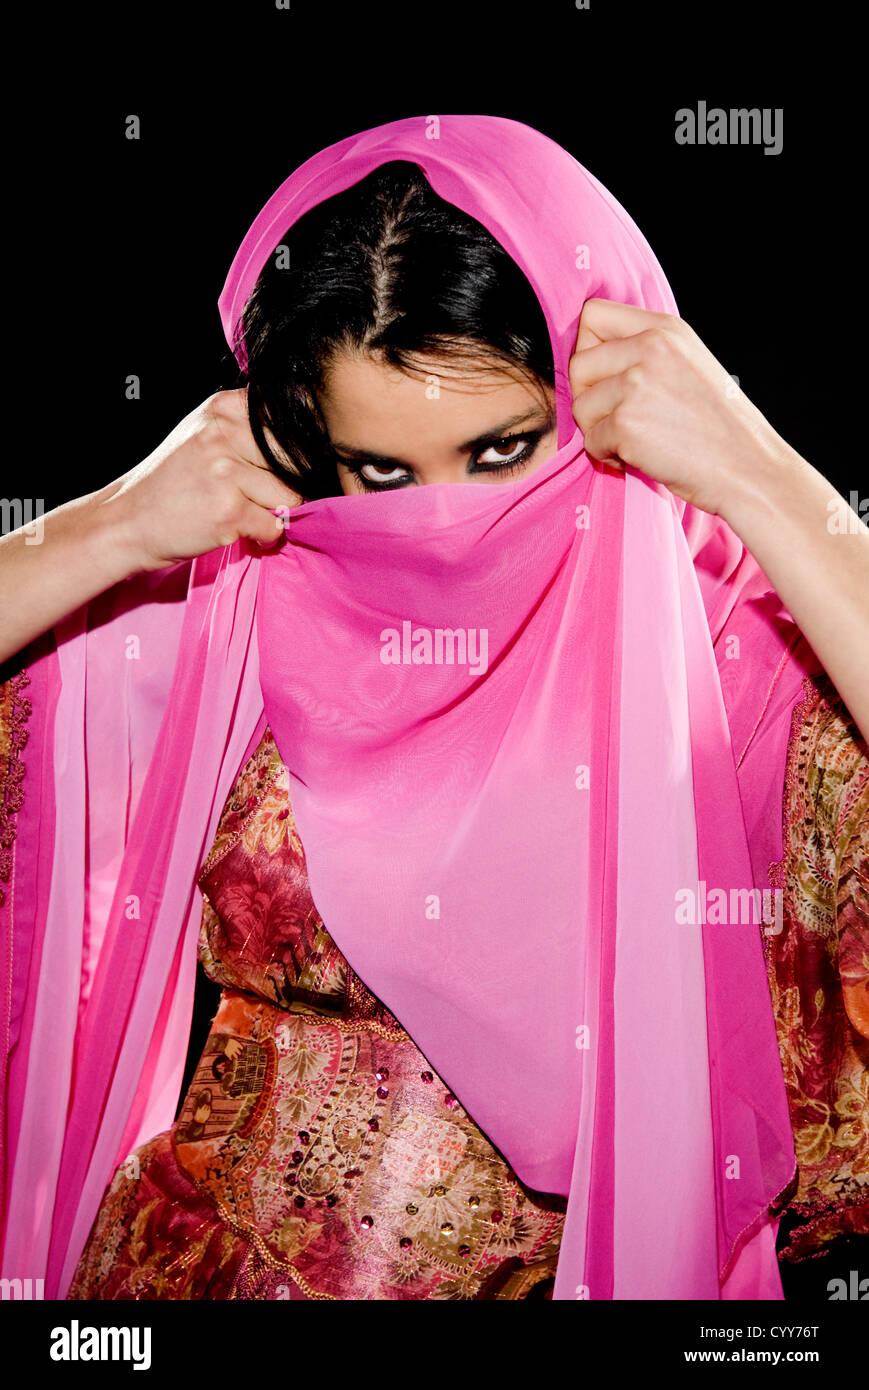 Arabische Frau tragen traditionelle Kleidung auf schwarzem Hintergrund Stockbild